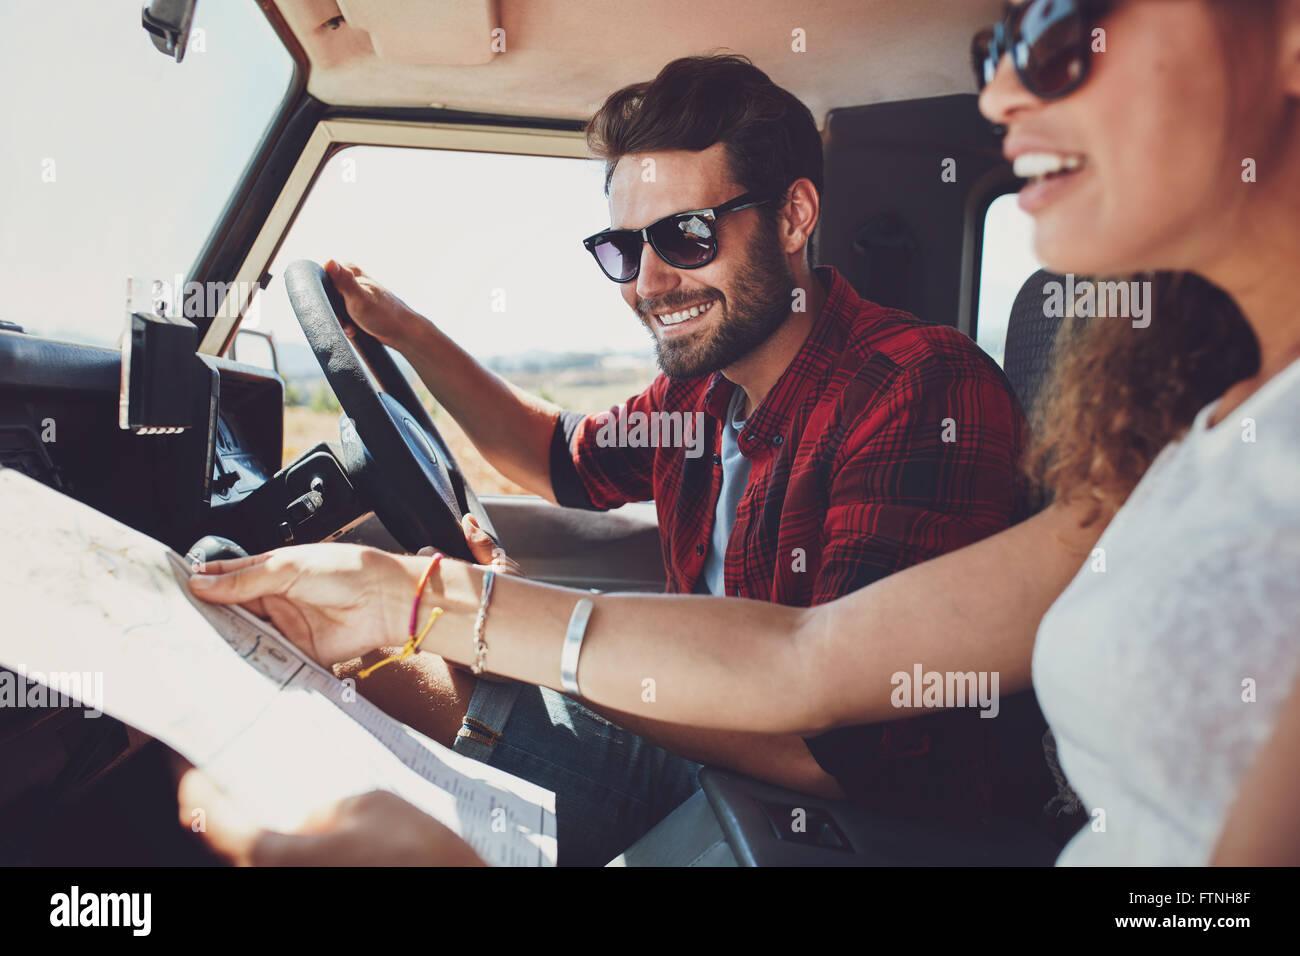 Sorridente giovane alla guida della vettura con la donna in possesso di una road map. Una giovane coppia in viaggio. Immagini Stock